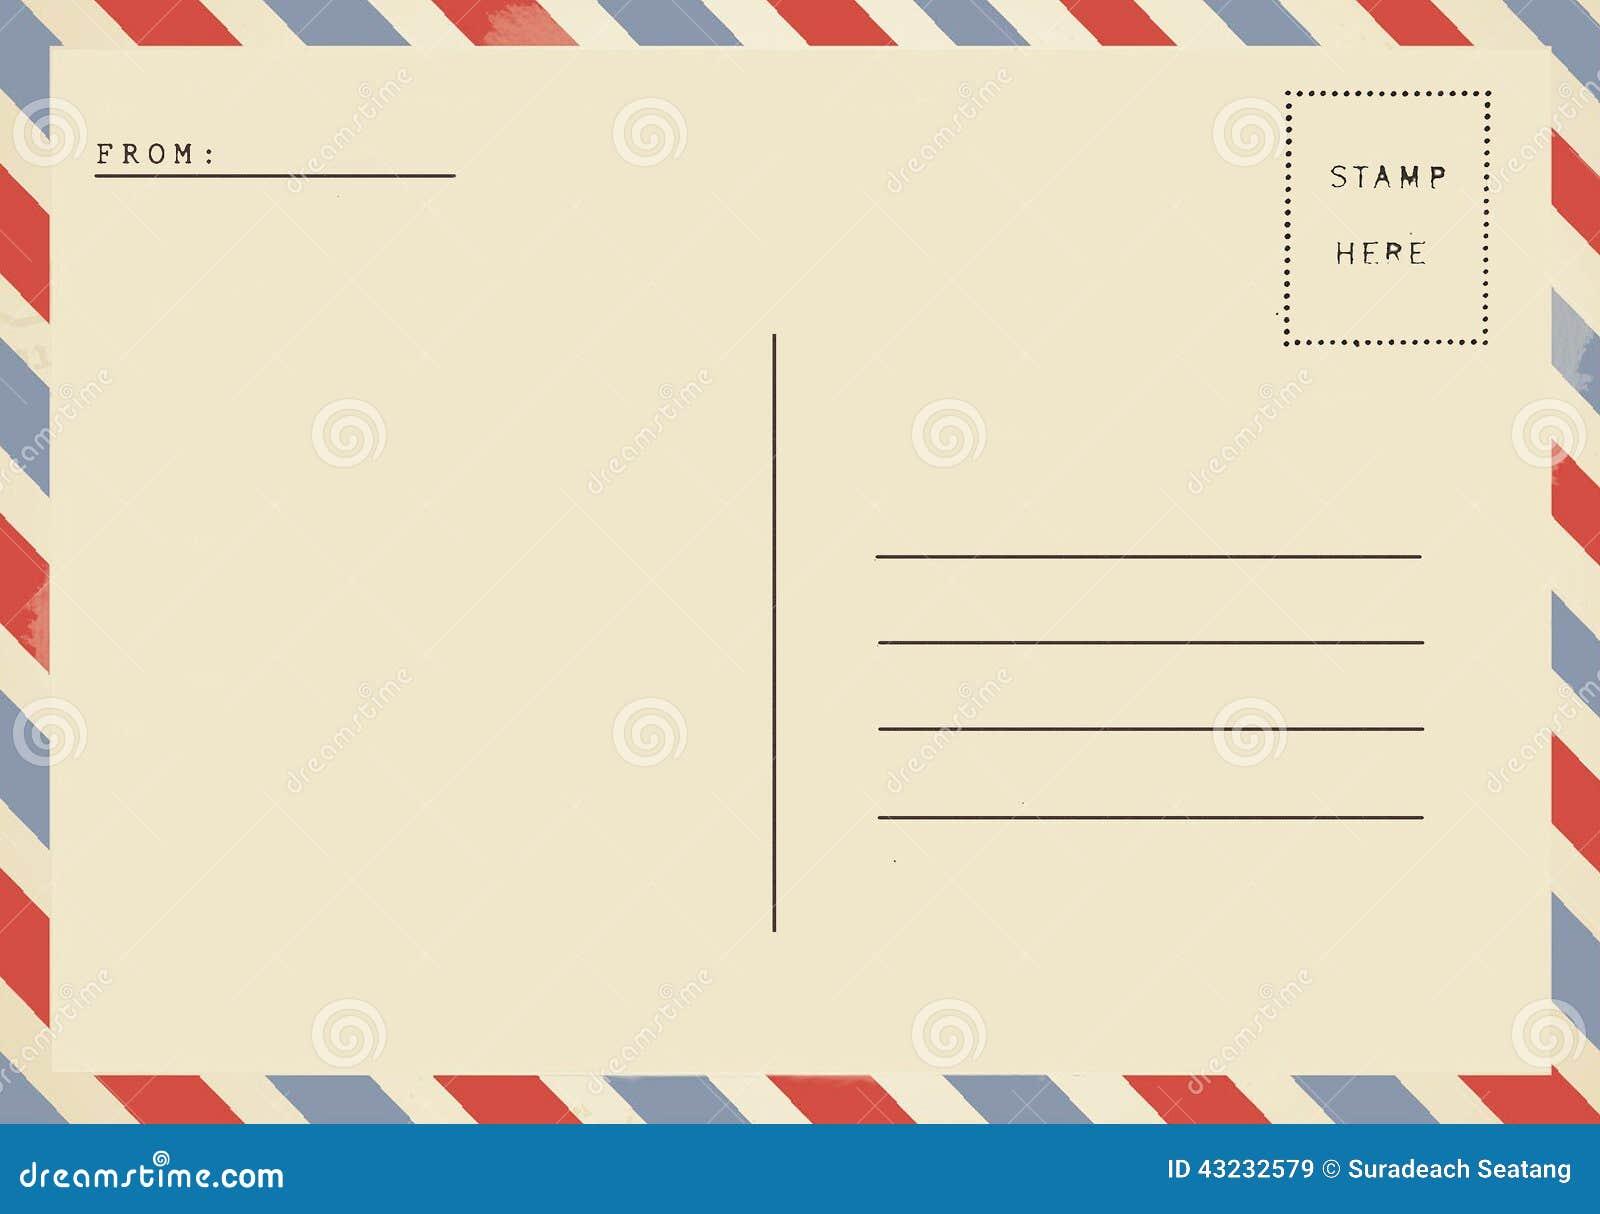 Para trás do cartão da placa do correio aéreo